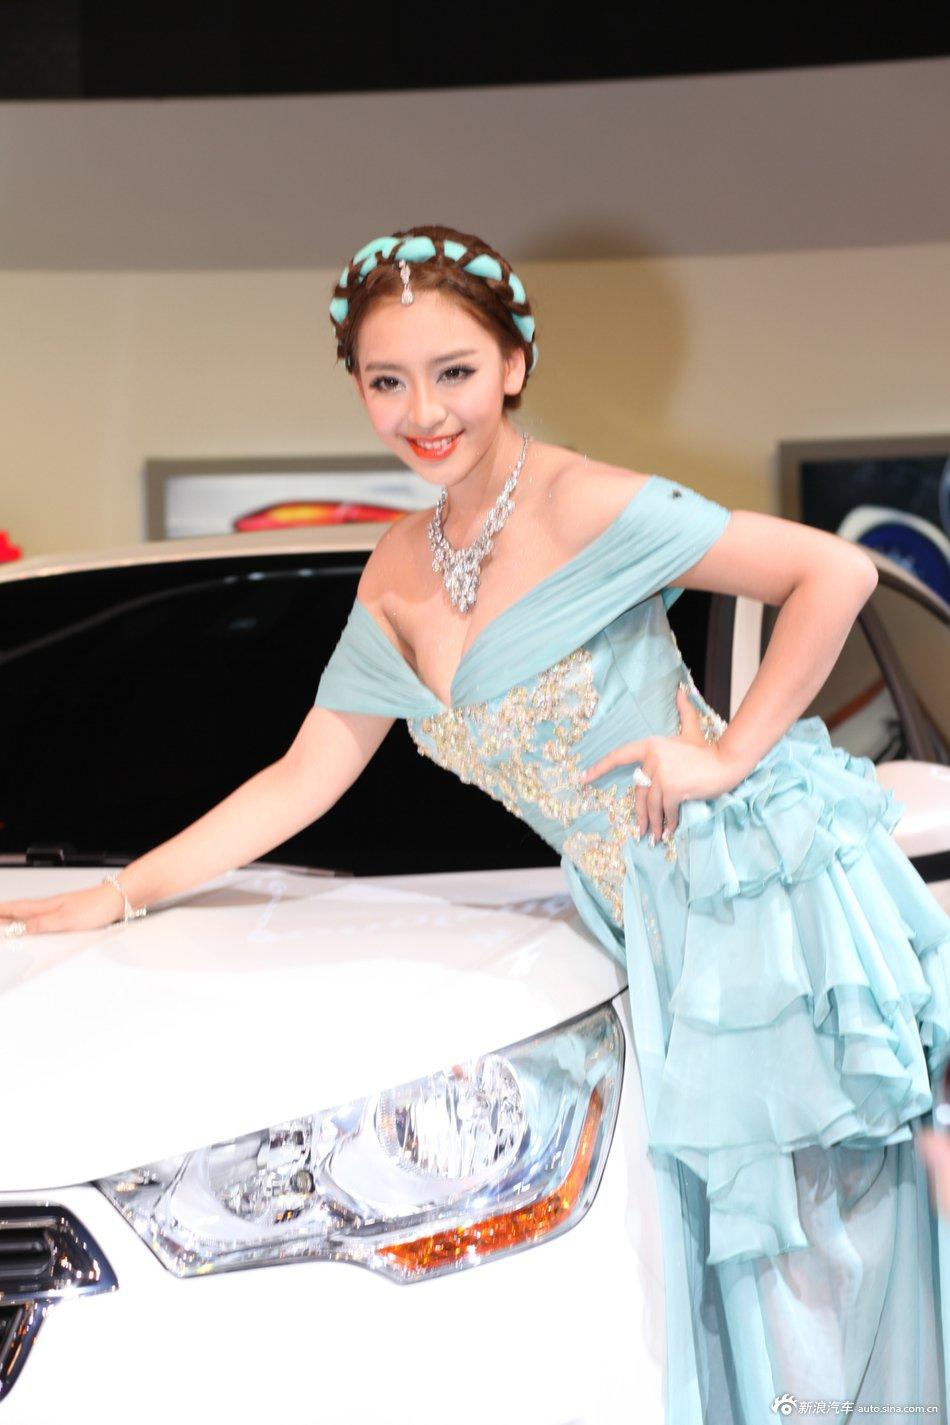 成都车展车模曹阳_2012年广州车展中东风雪铁龙1号美女车模是谁?_百度知道